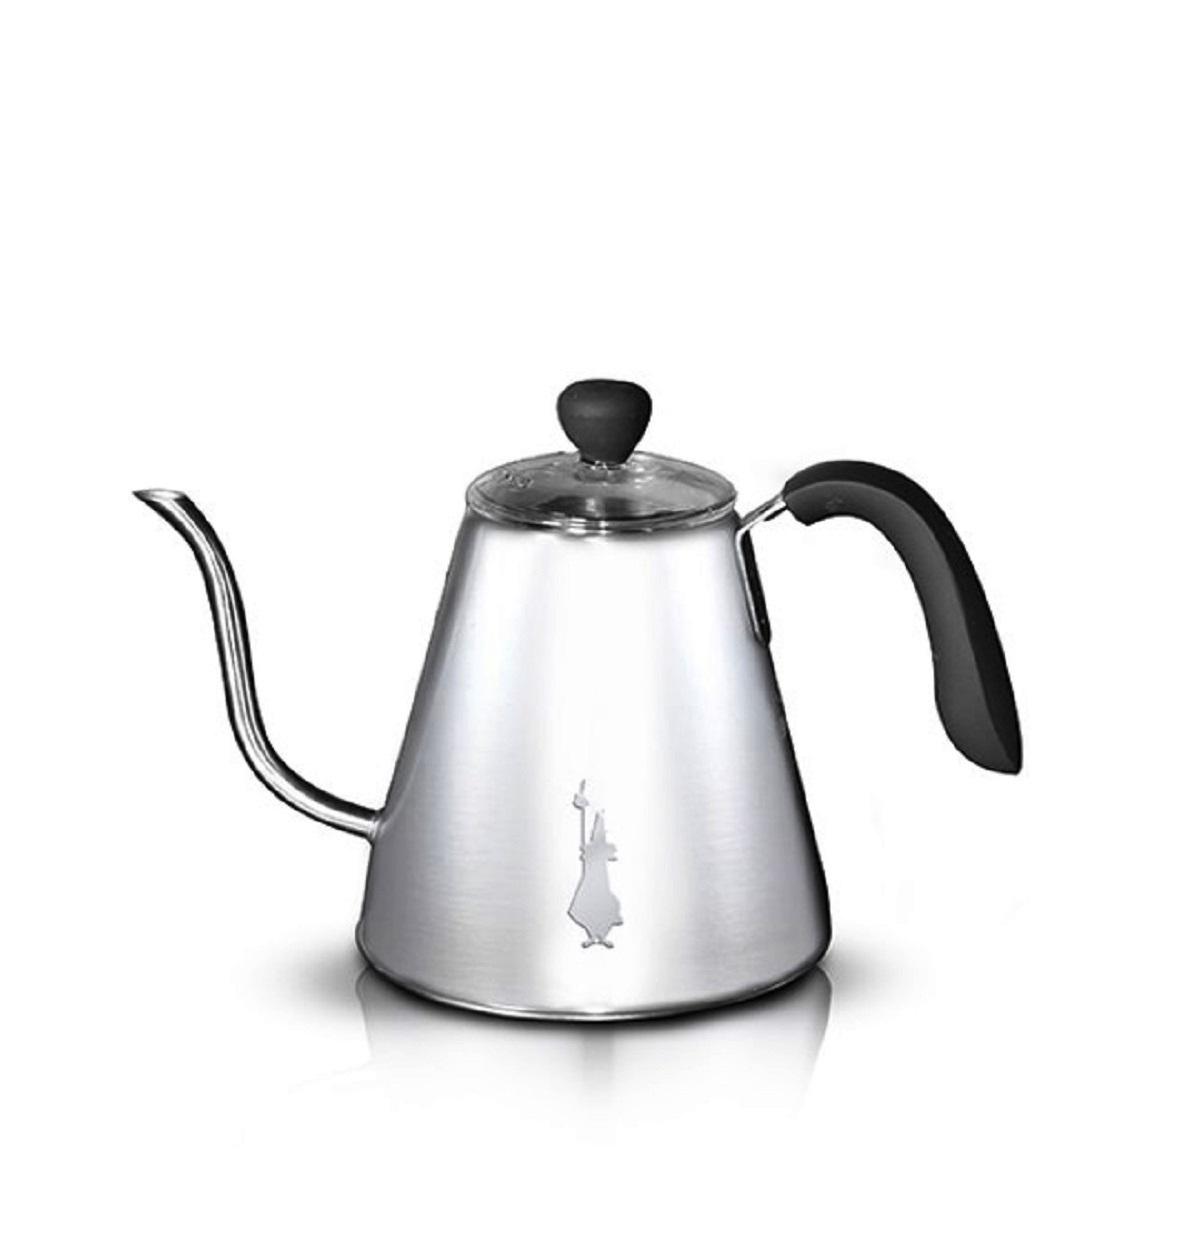 Онлайн каталог PROMENU: Чайник индукционный Bialetti POUR OVER ACCESSORIES, объем 1 л, нержавеющая сталь                               0005474